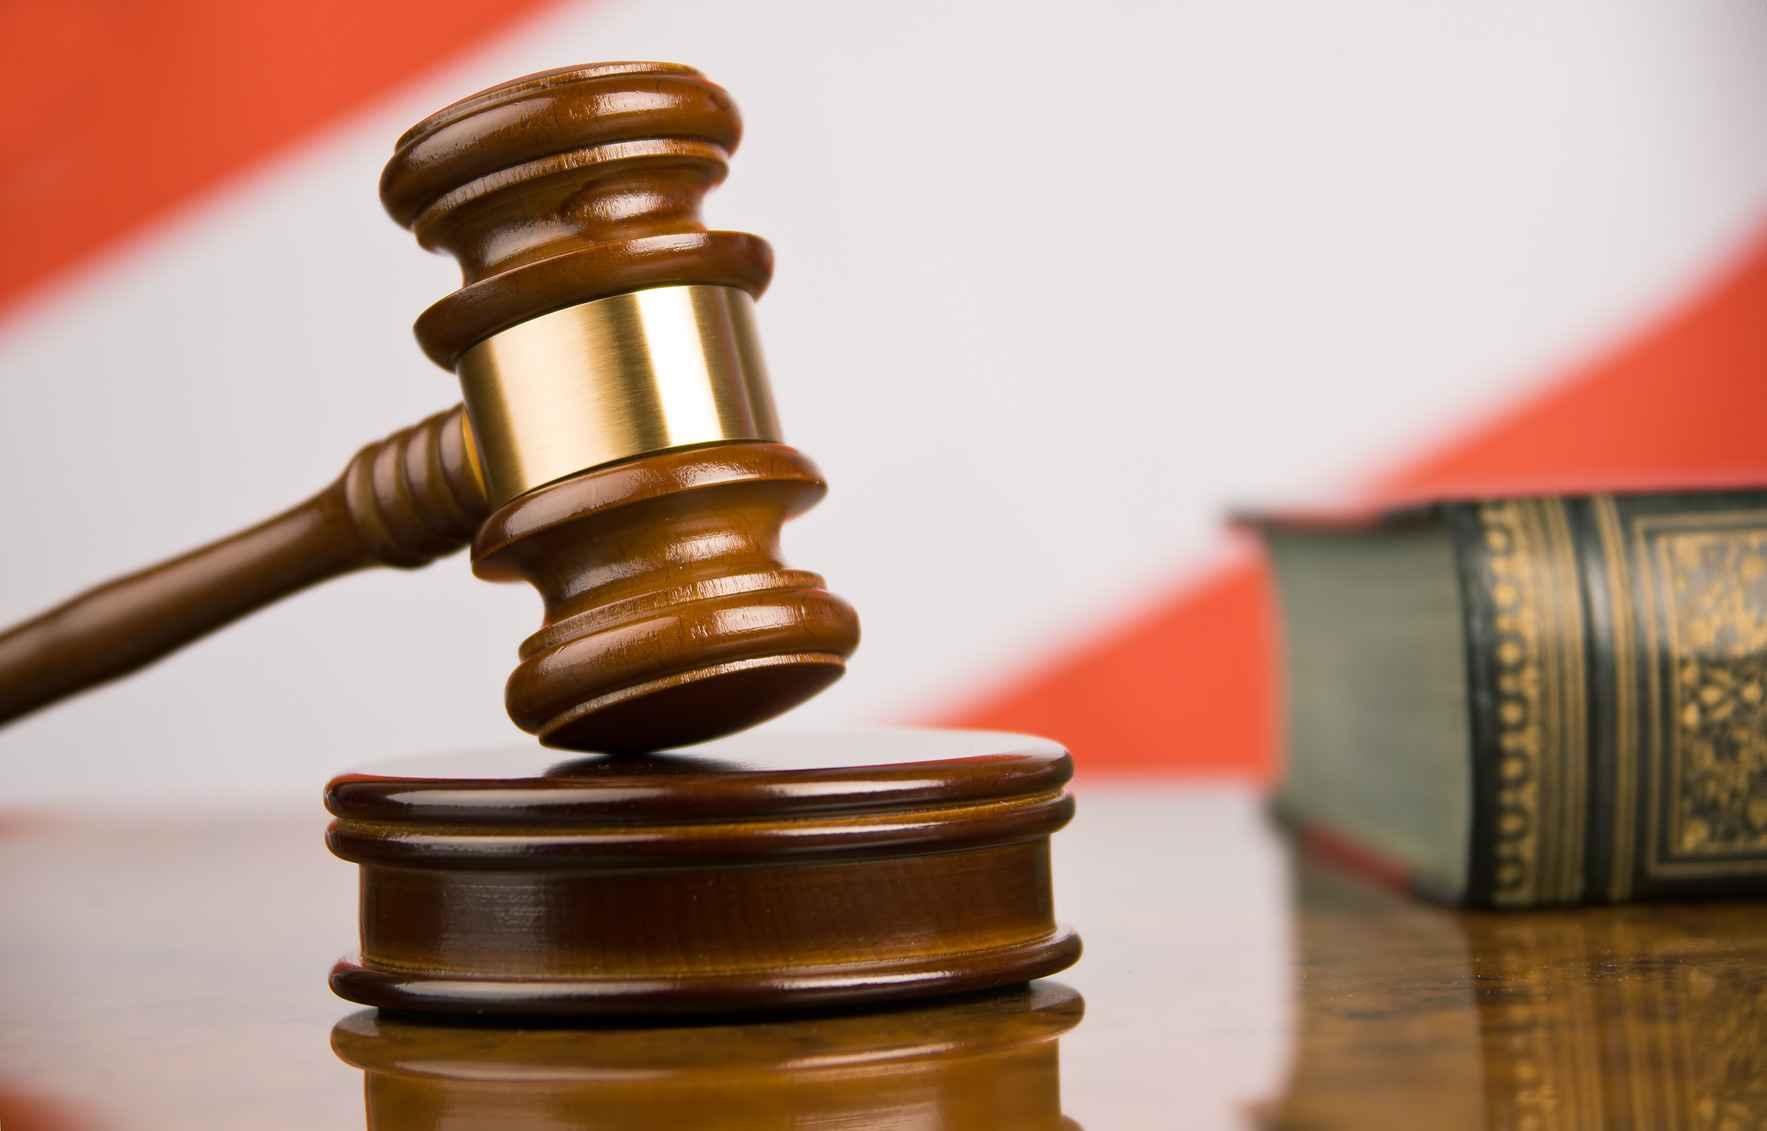 Возражение на судебный приказ мирового судьи: как написать и образец